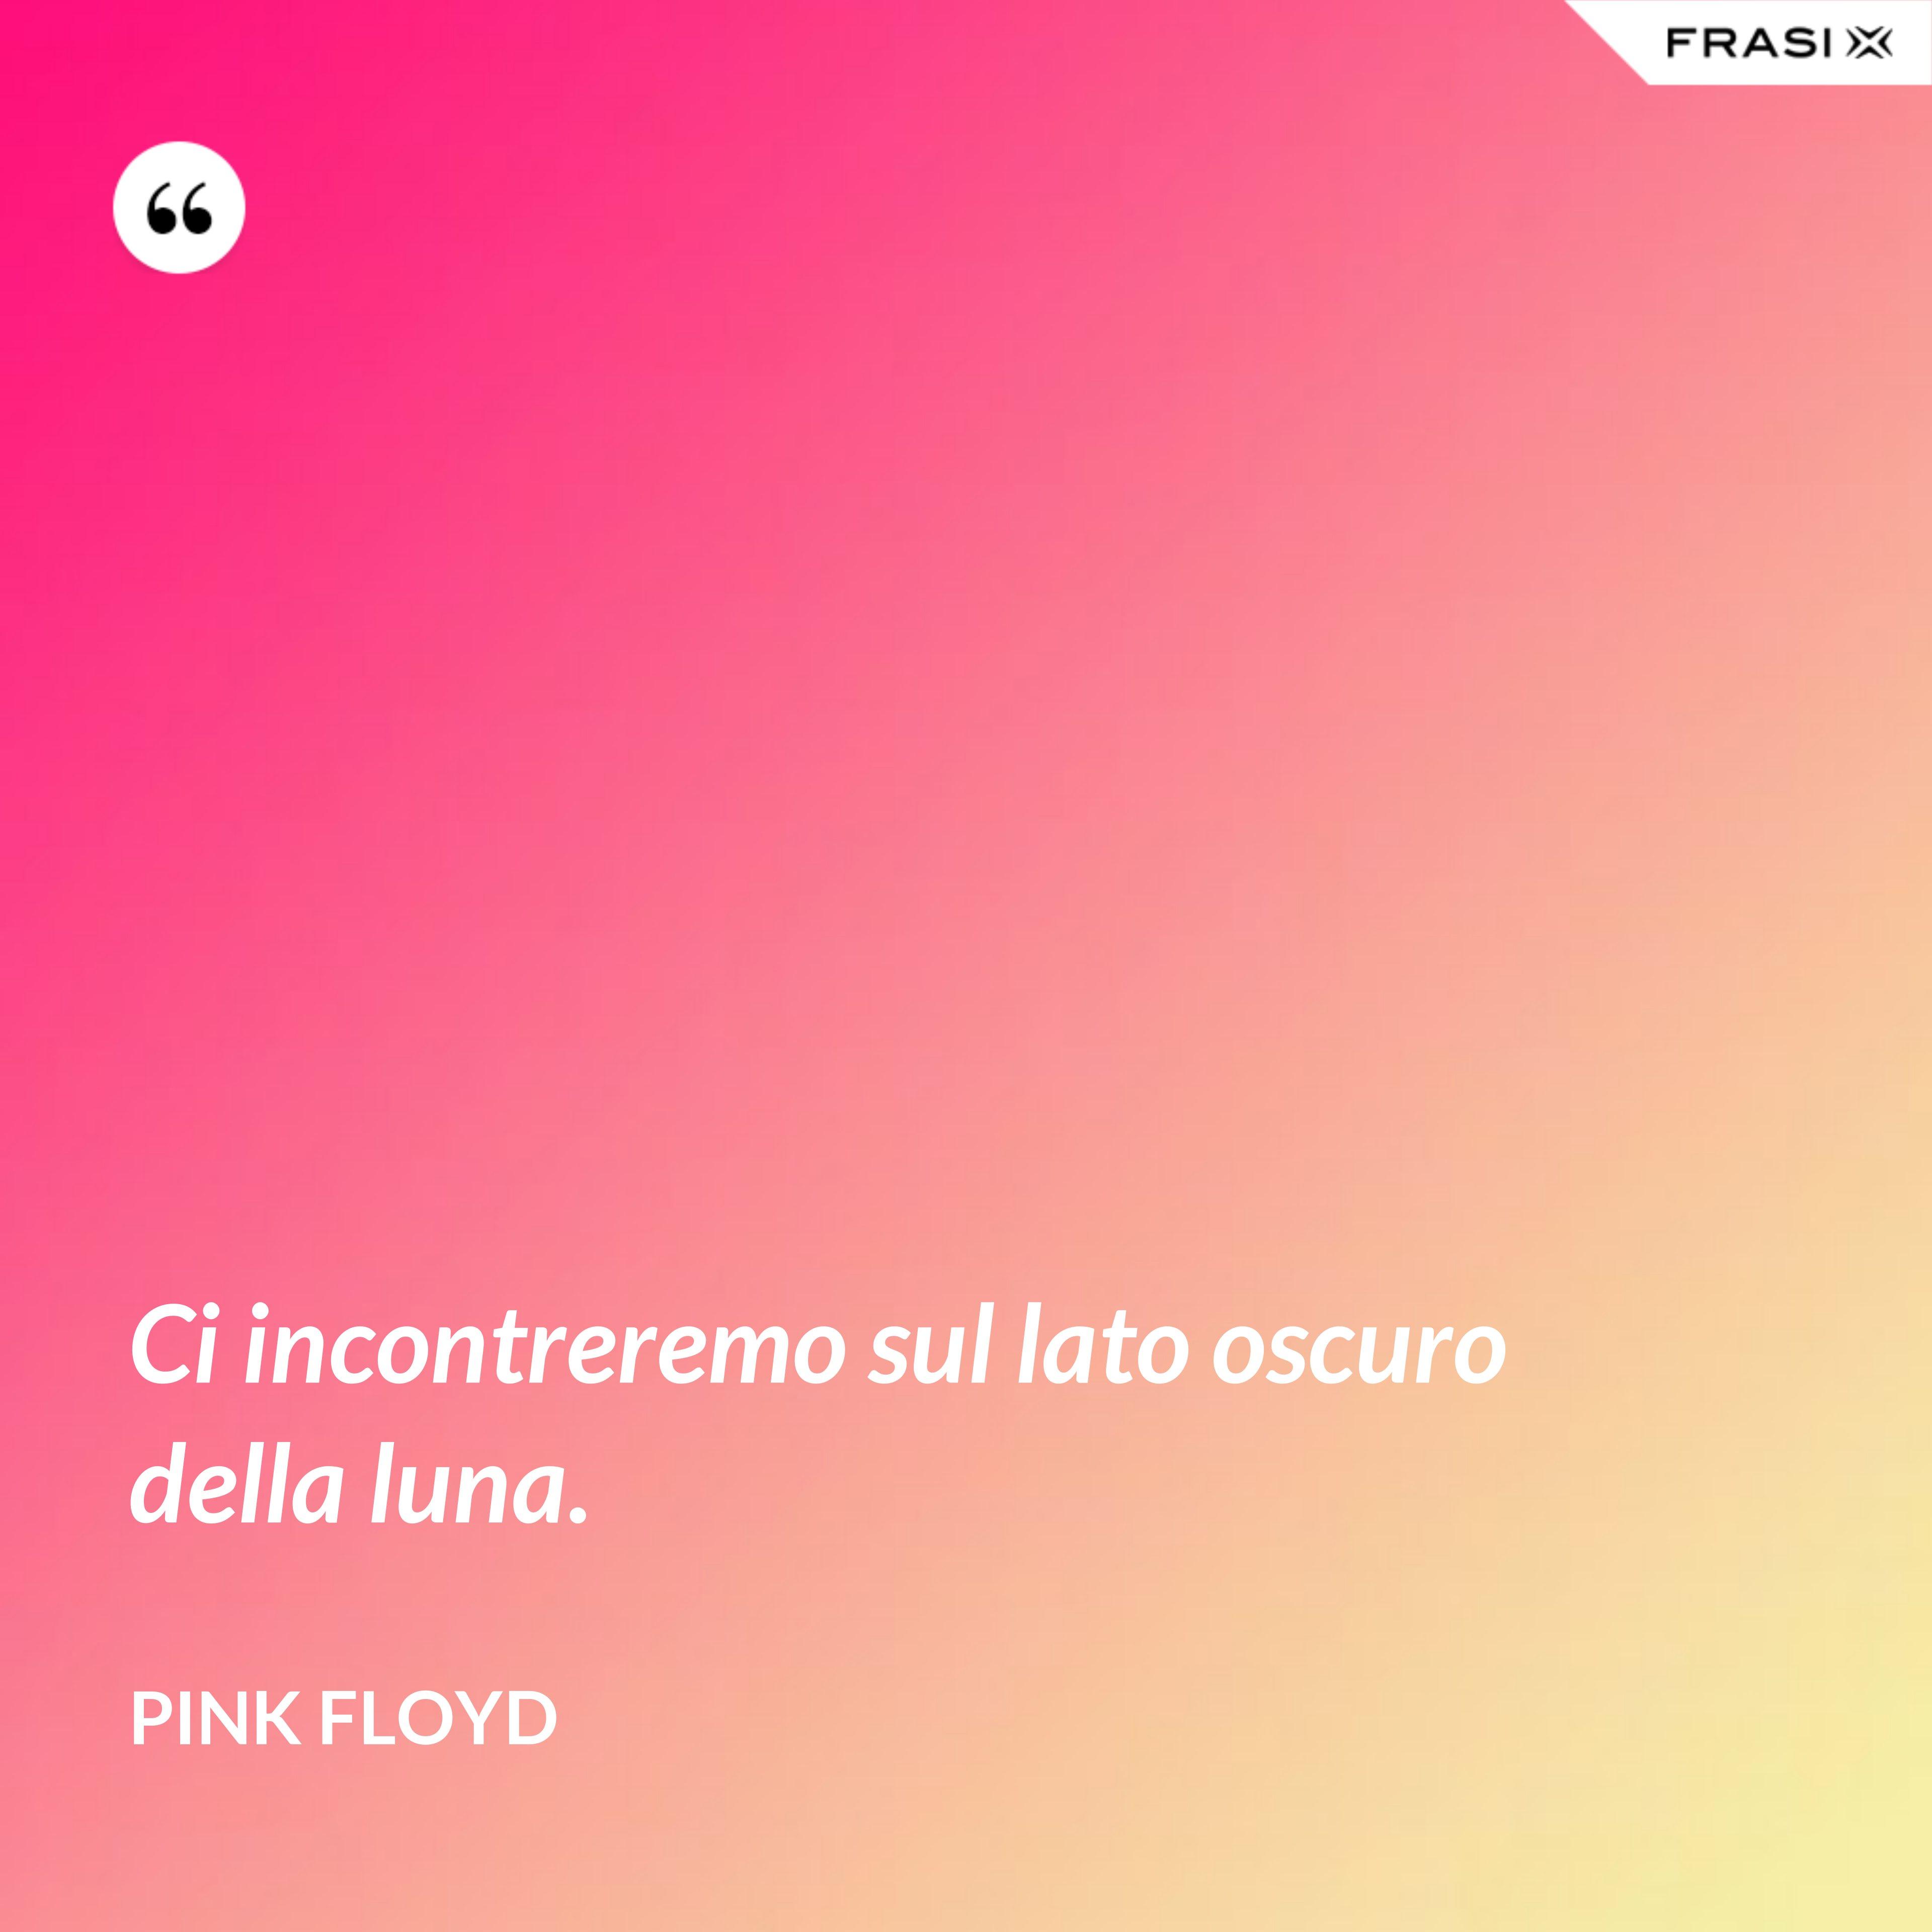 Ci incontreremo sul lato oscuro della luna. - Pink Floyd